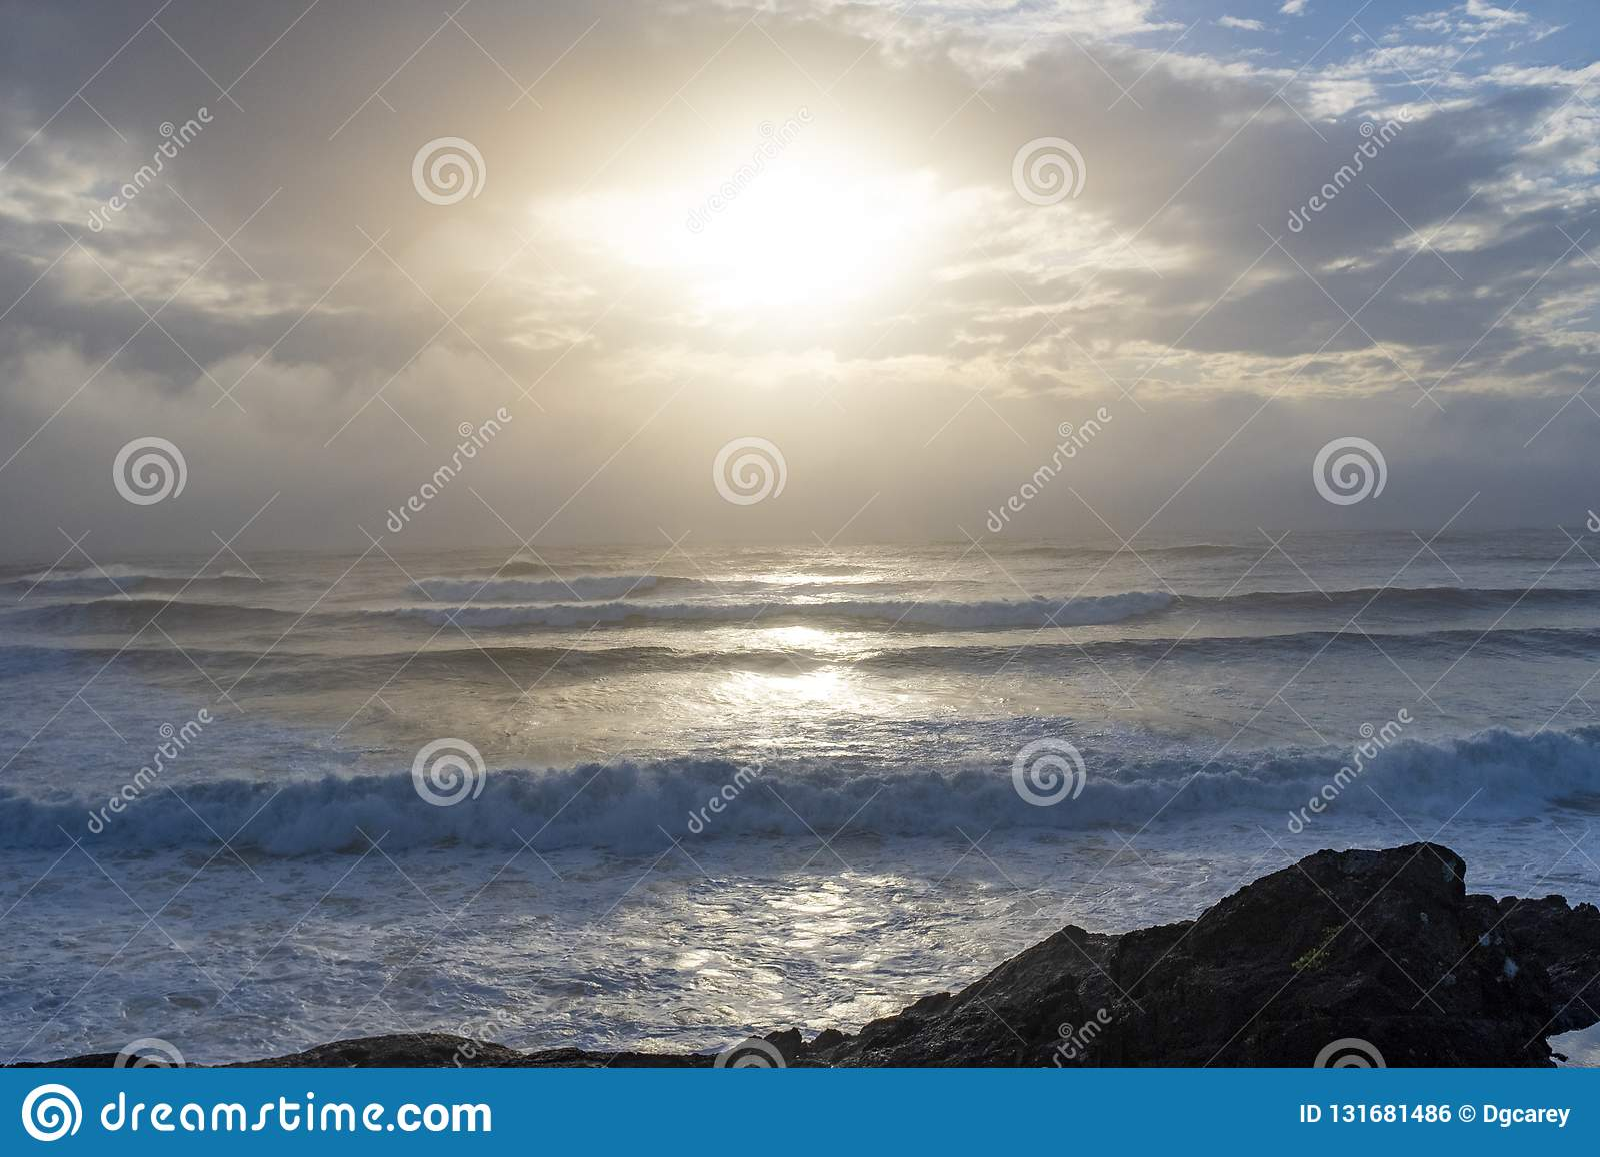 波浪在考克斯海湾在托菲诺冲上岸,BC